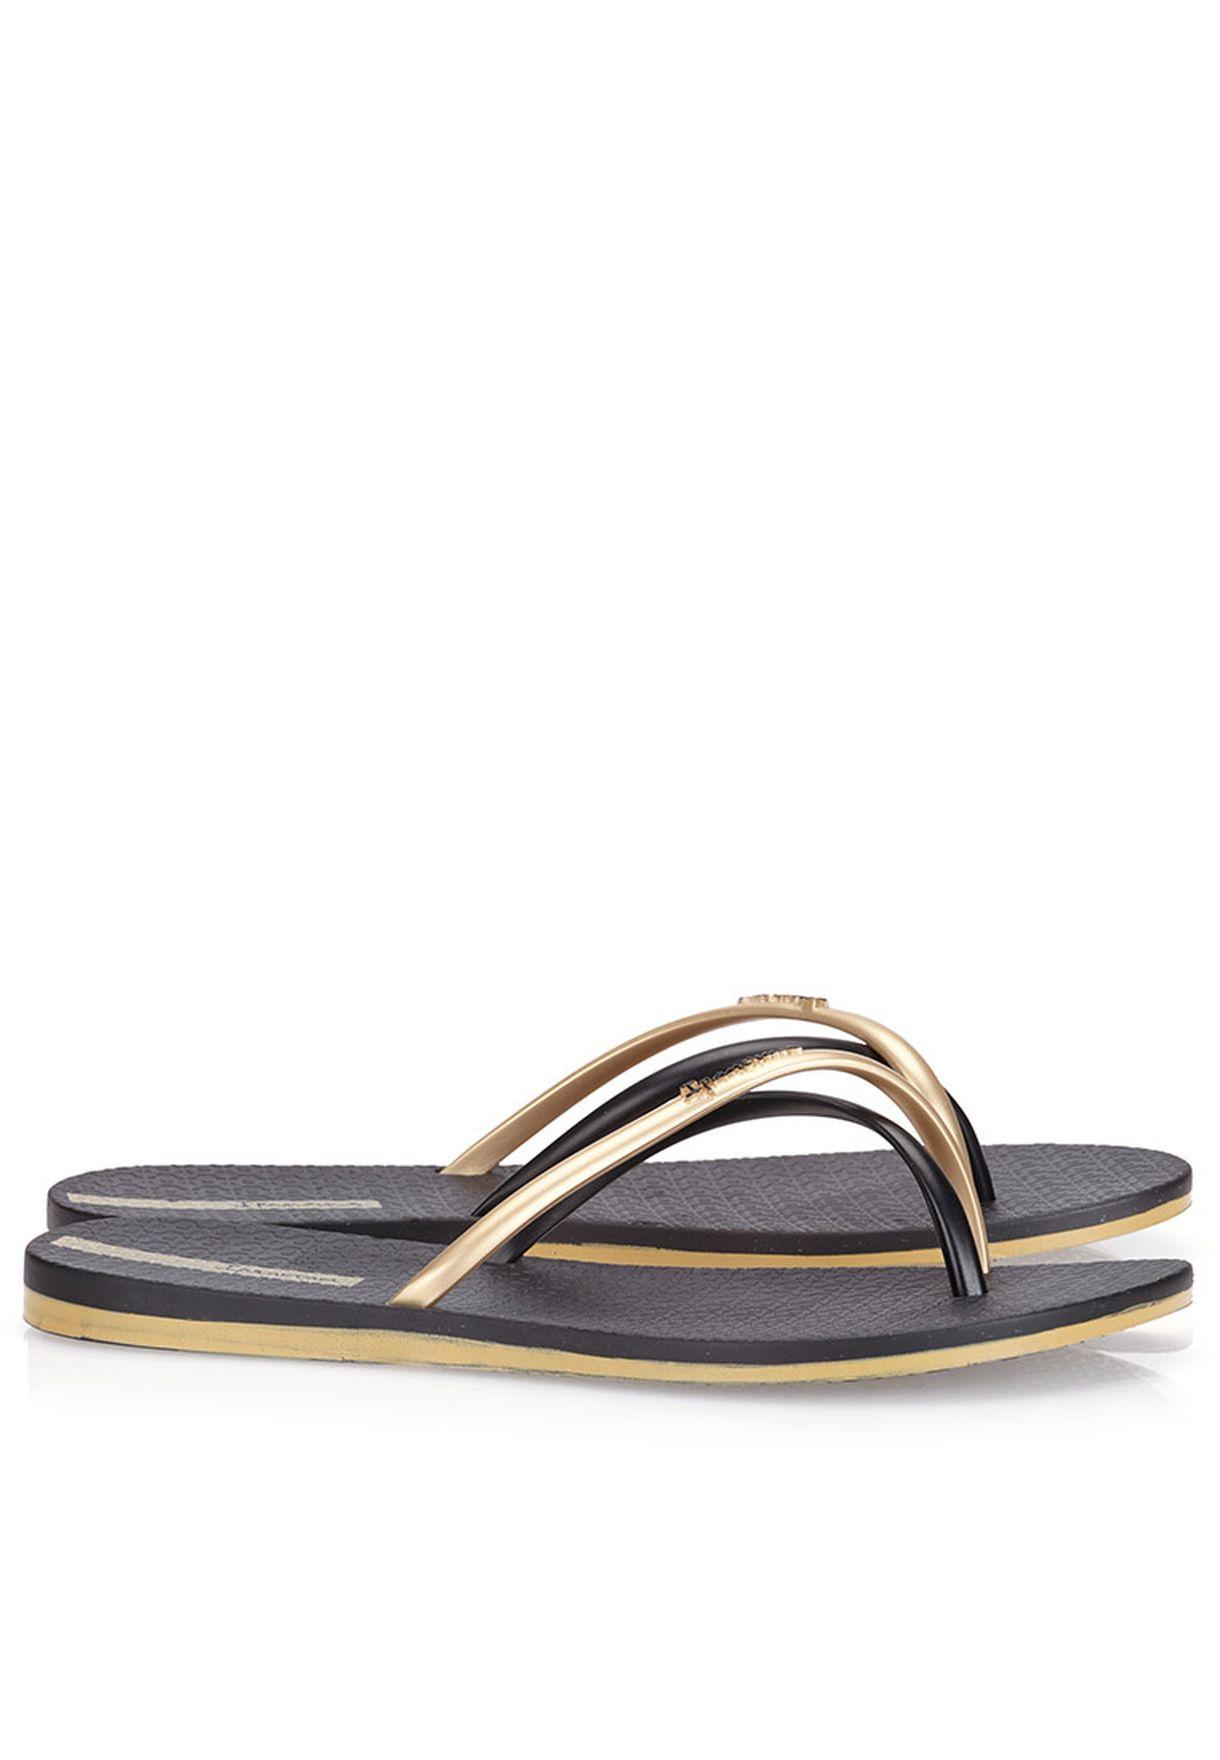 75327e9051c Shop Ipanema black Fit Summer Fem Flip Flops 25733-24006-02064 for ...